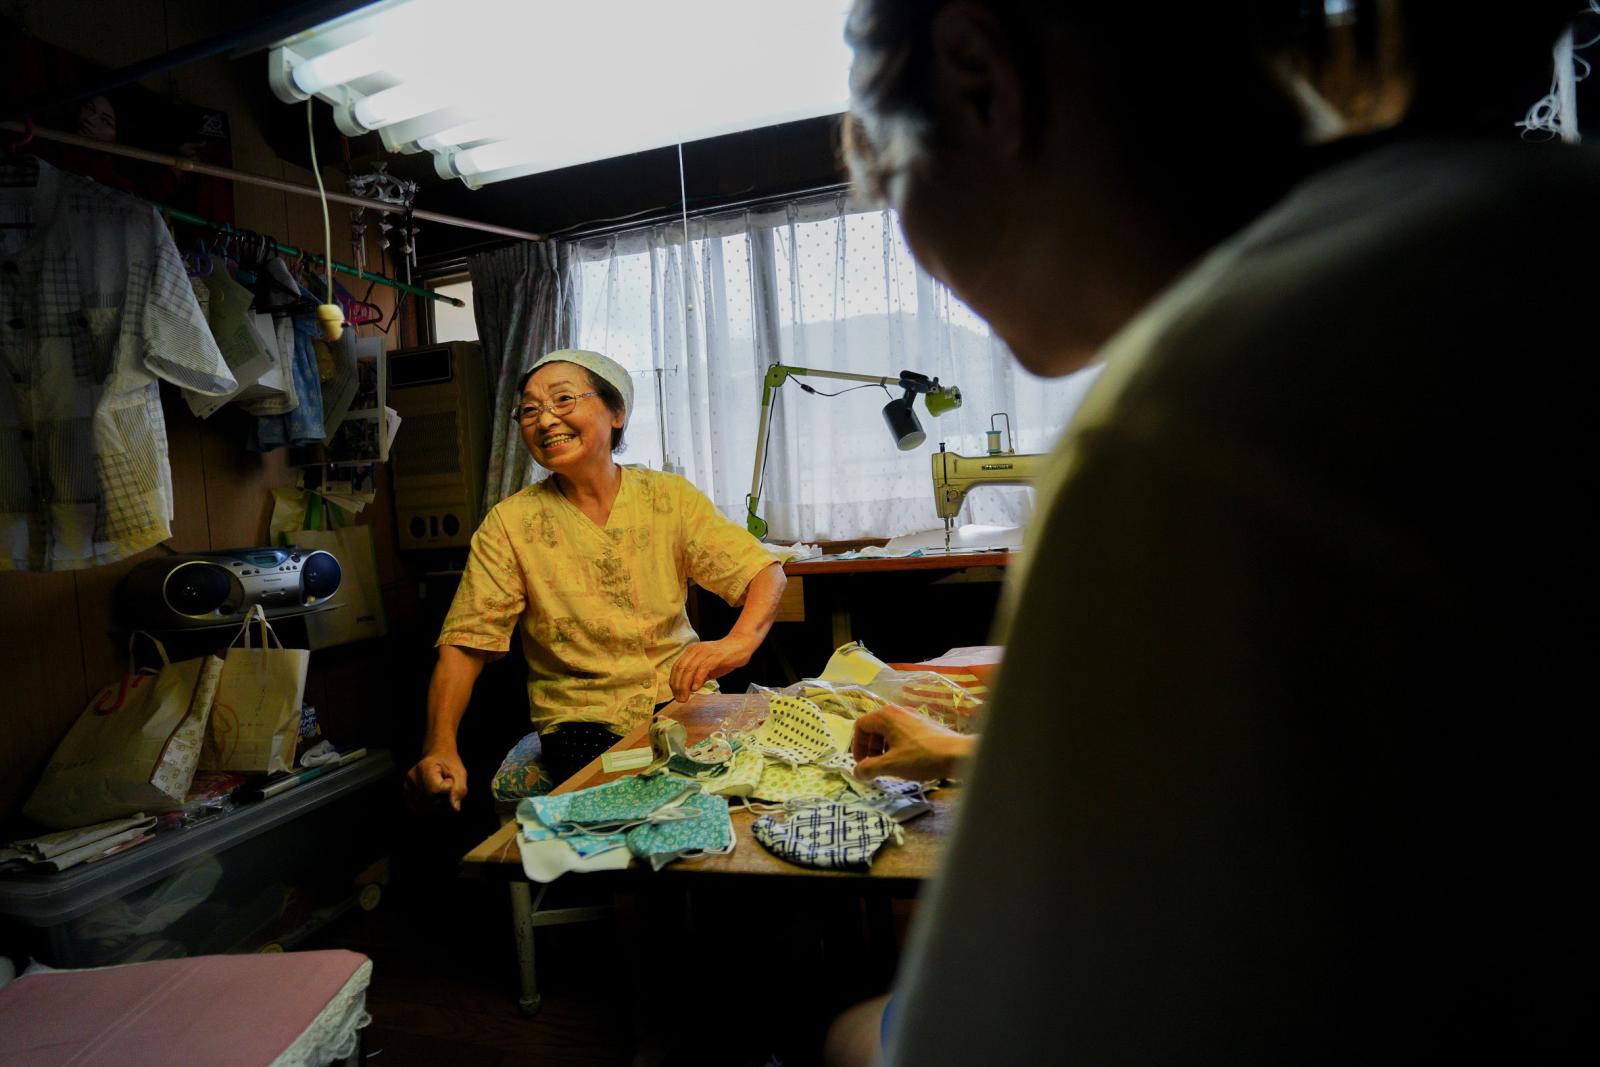 まちなかでたまたま出会った、洋裁屋のかわいいおばあちゃん。手づくりのマスクをいただいた。